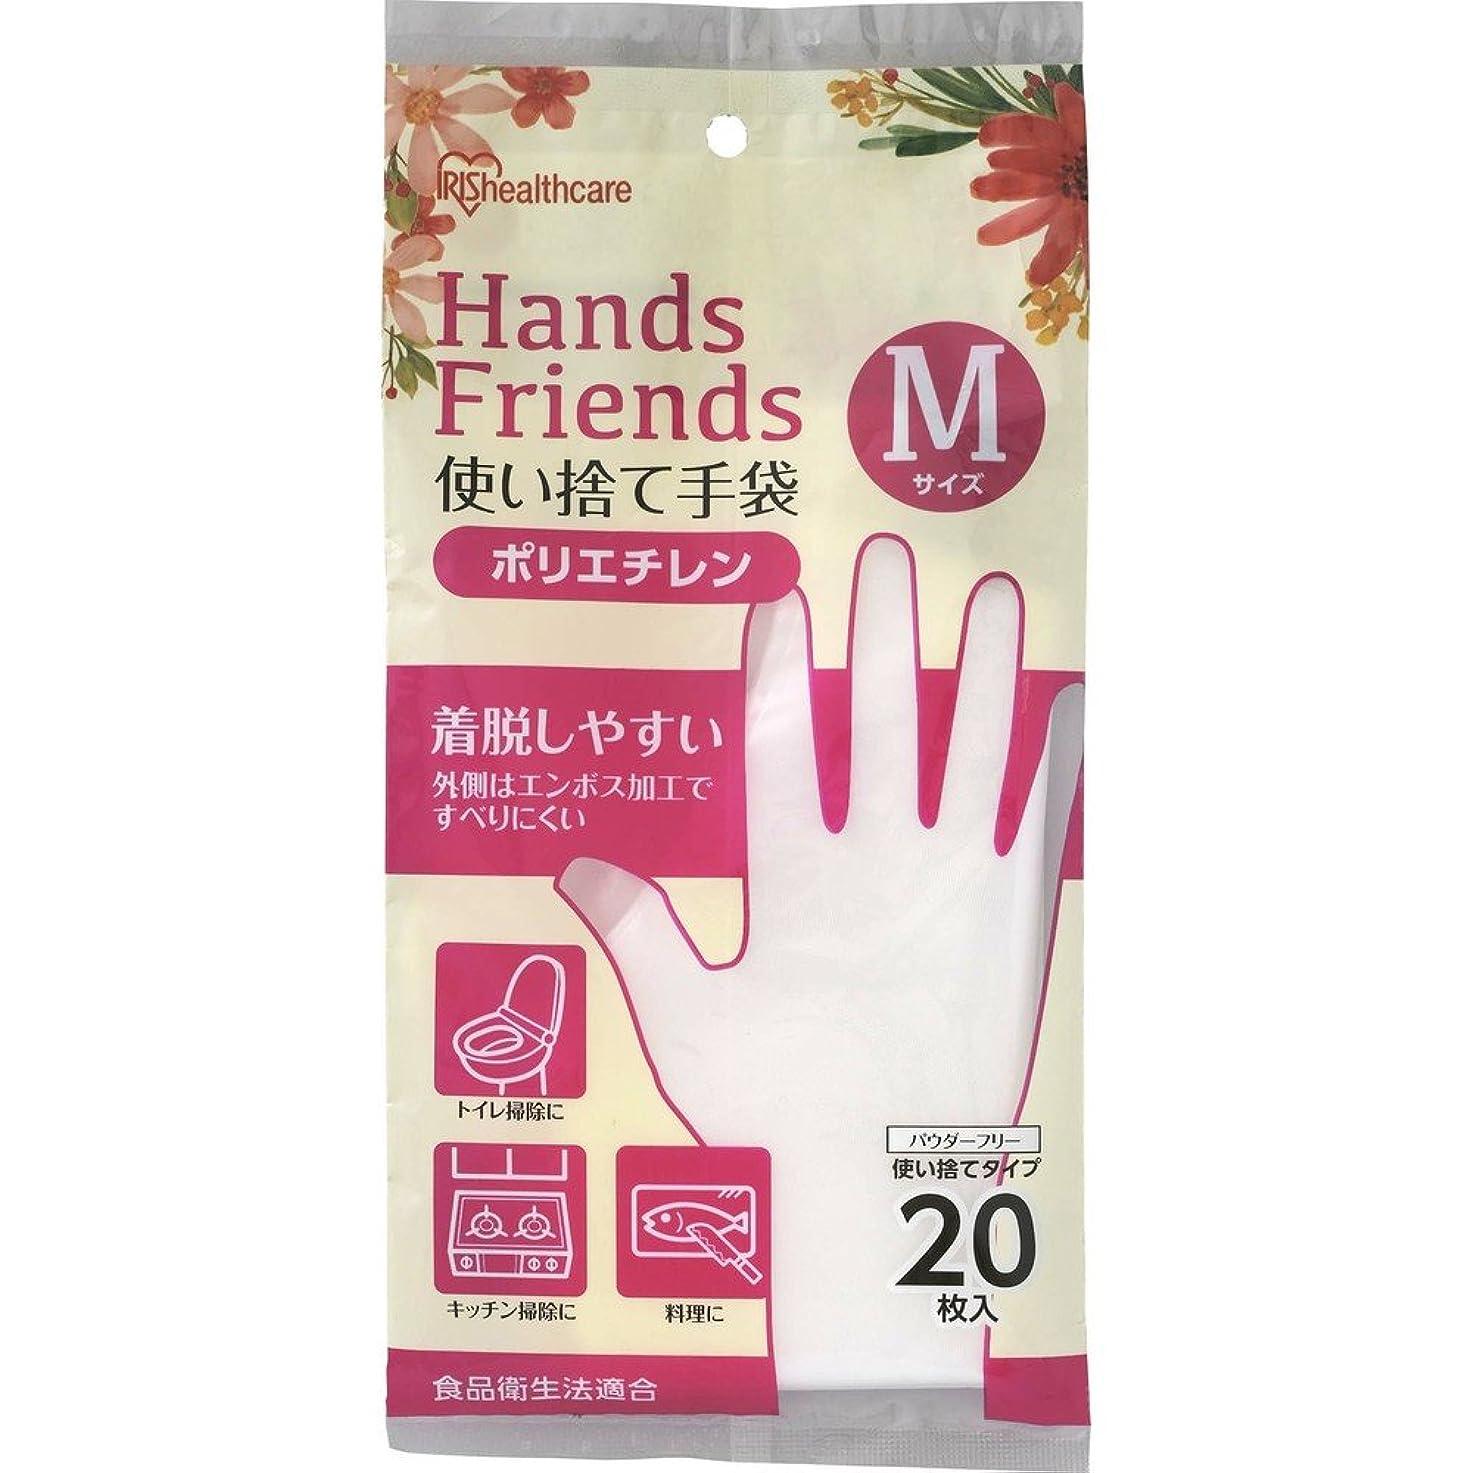 成人期インタラクション条件付き使い捨て手袋 ポリエチレン手袋 Mサイズ 粉なし パウダーフリー クリア 20枚入